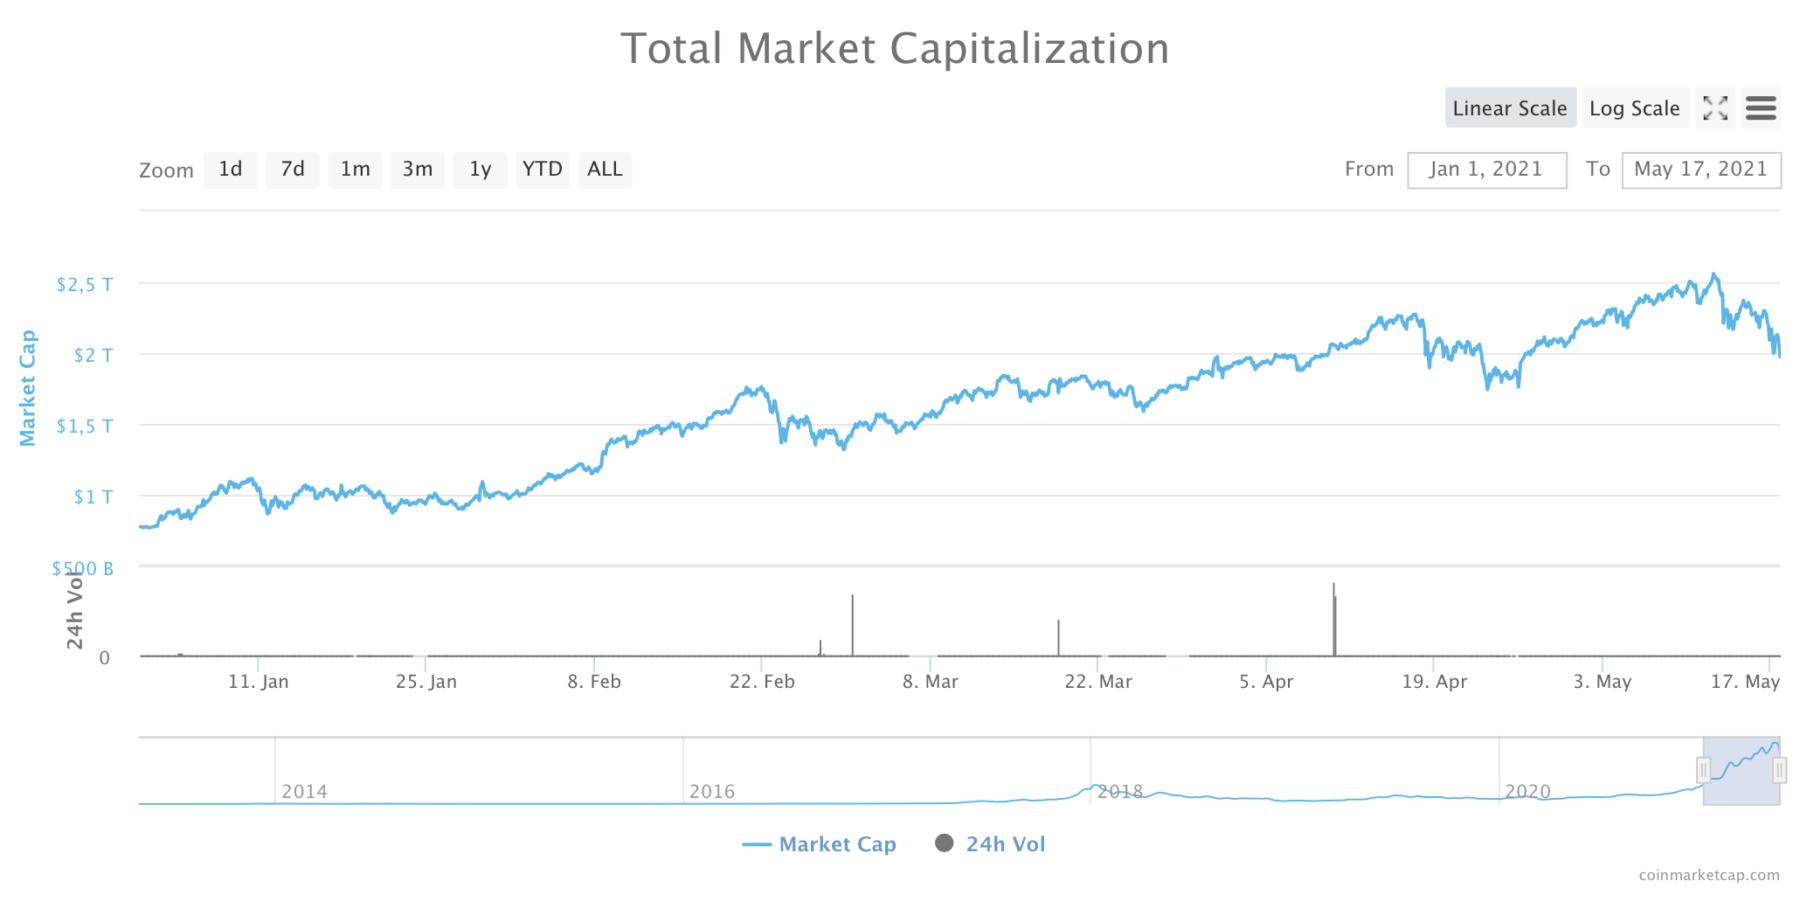 Global markedskapitalisering